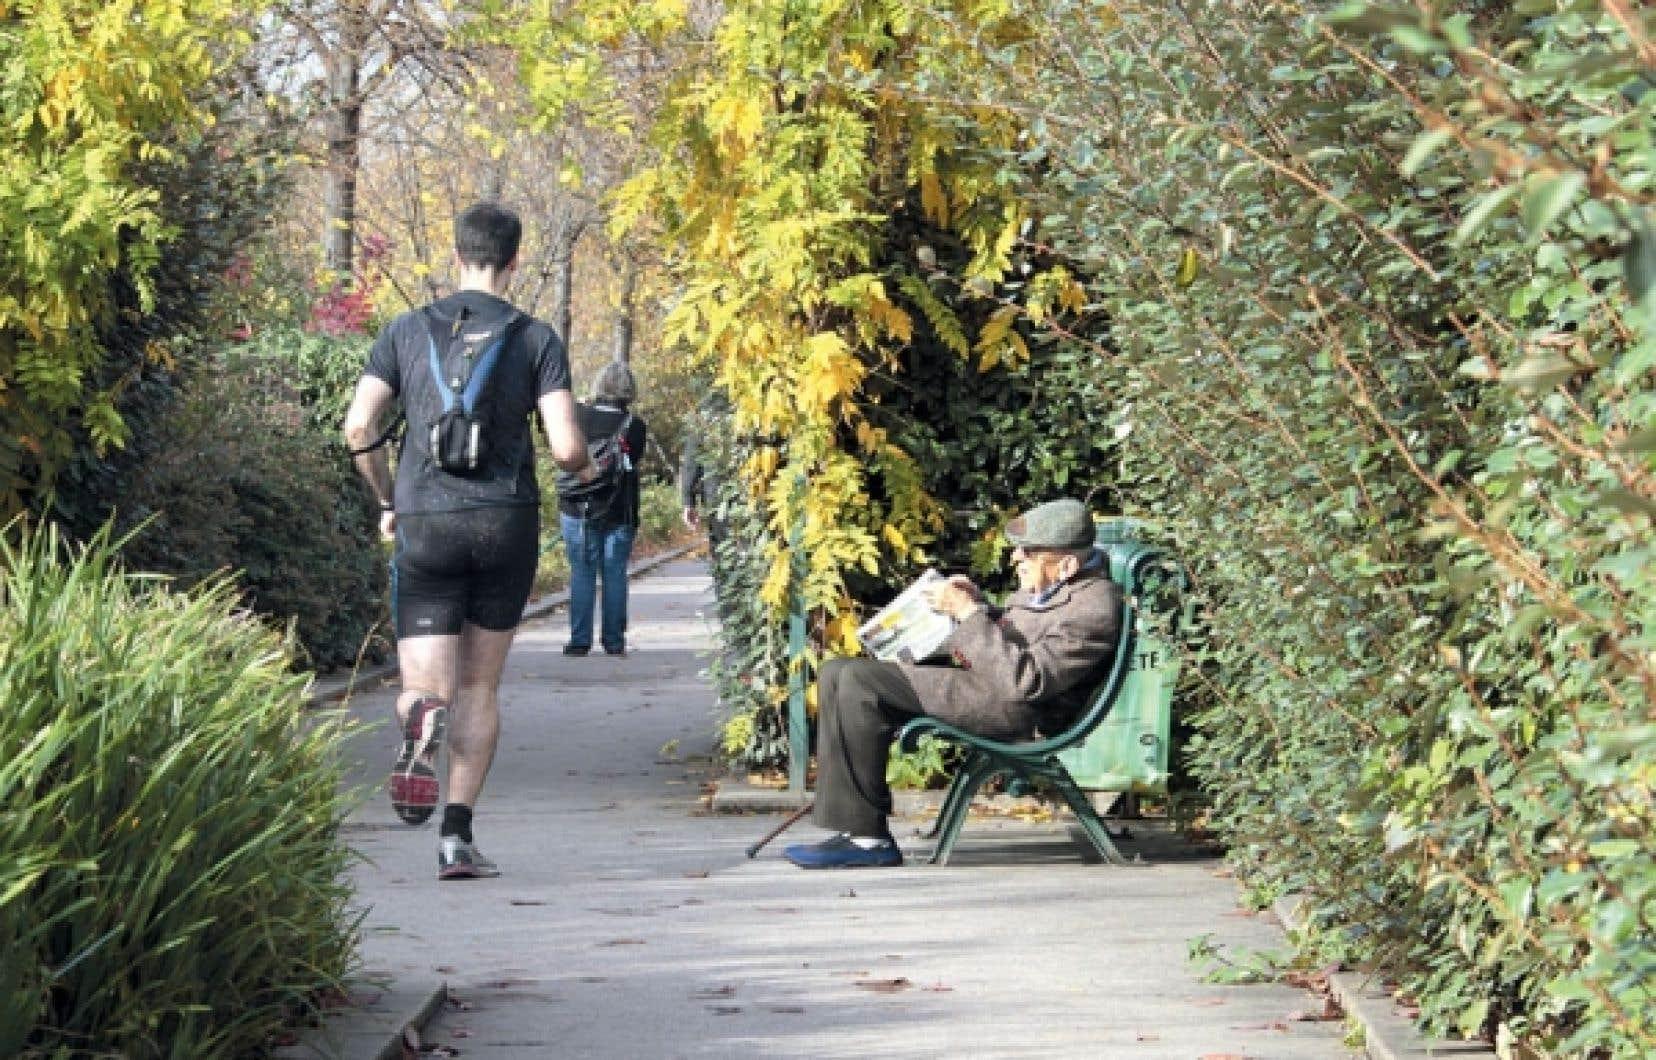 En généralisant l'activité physique, l'espérance de vie de la population mondiale pourrait augmenter de 0,68 année.